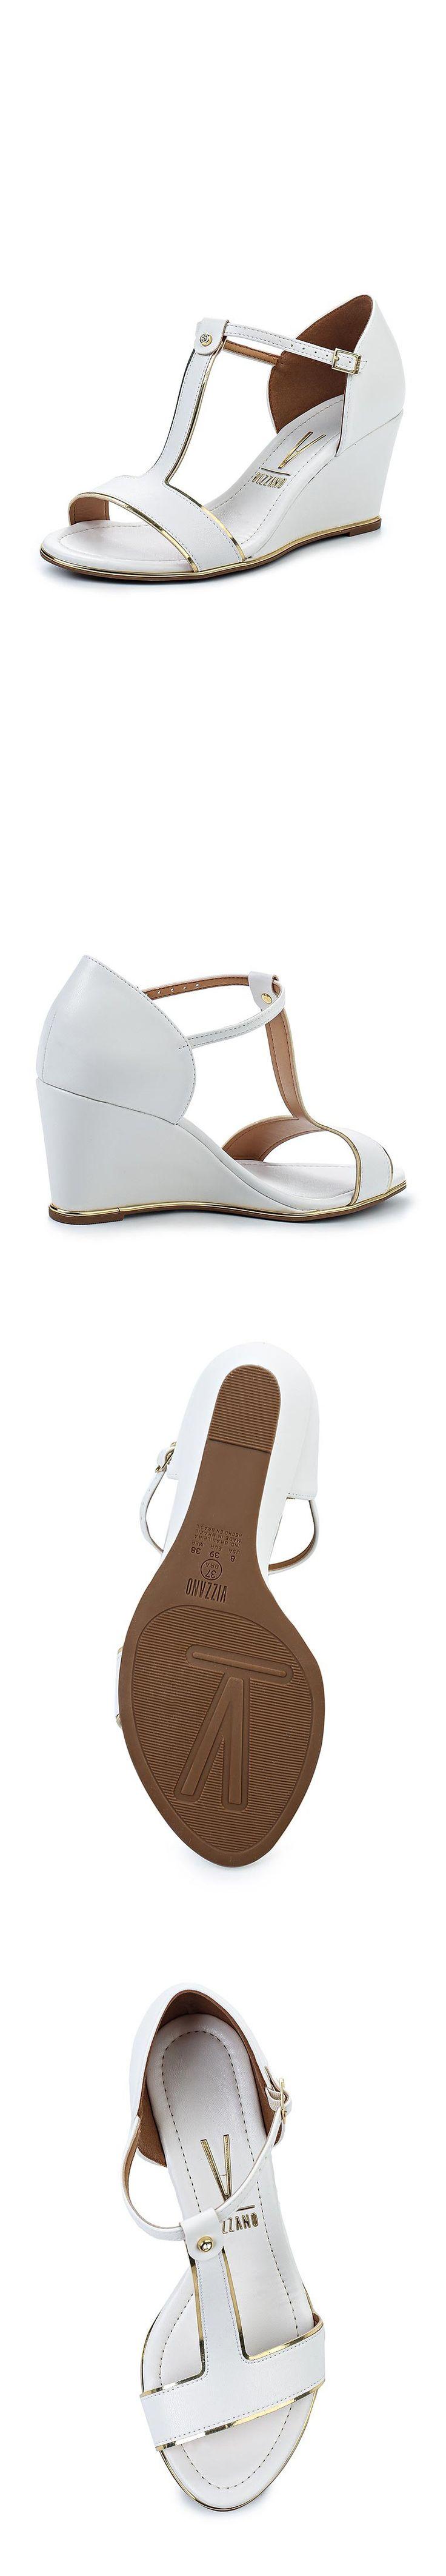 Женская обувь босоножки Vizzano за 3410.00 руб.